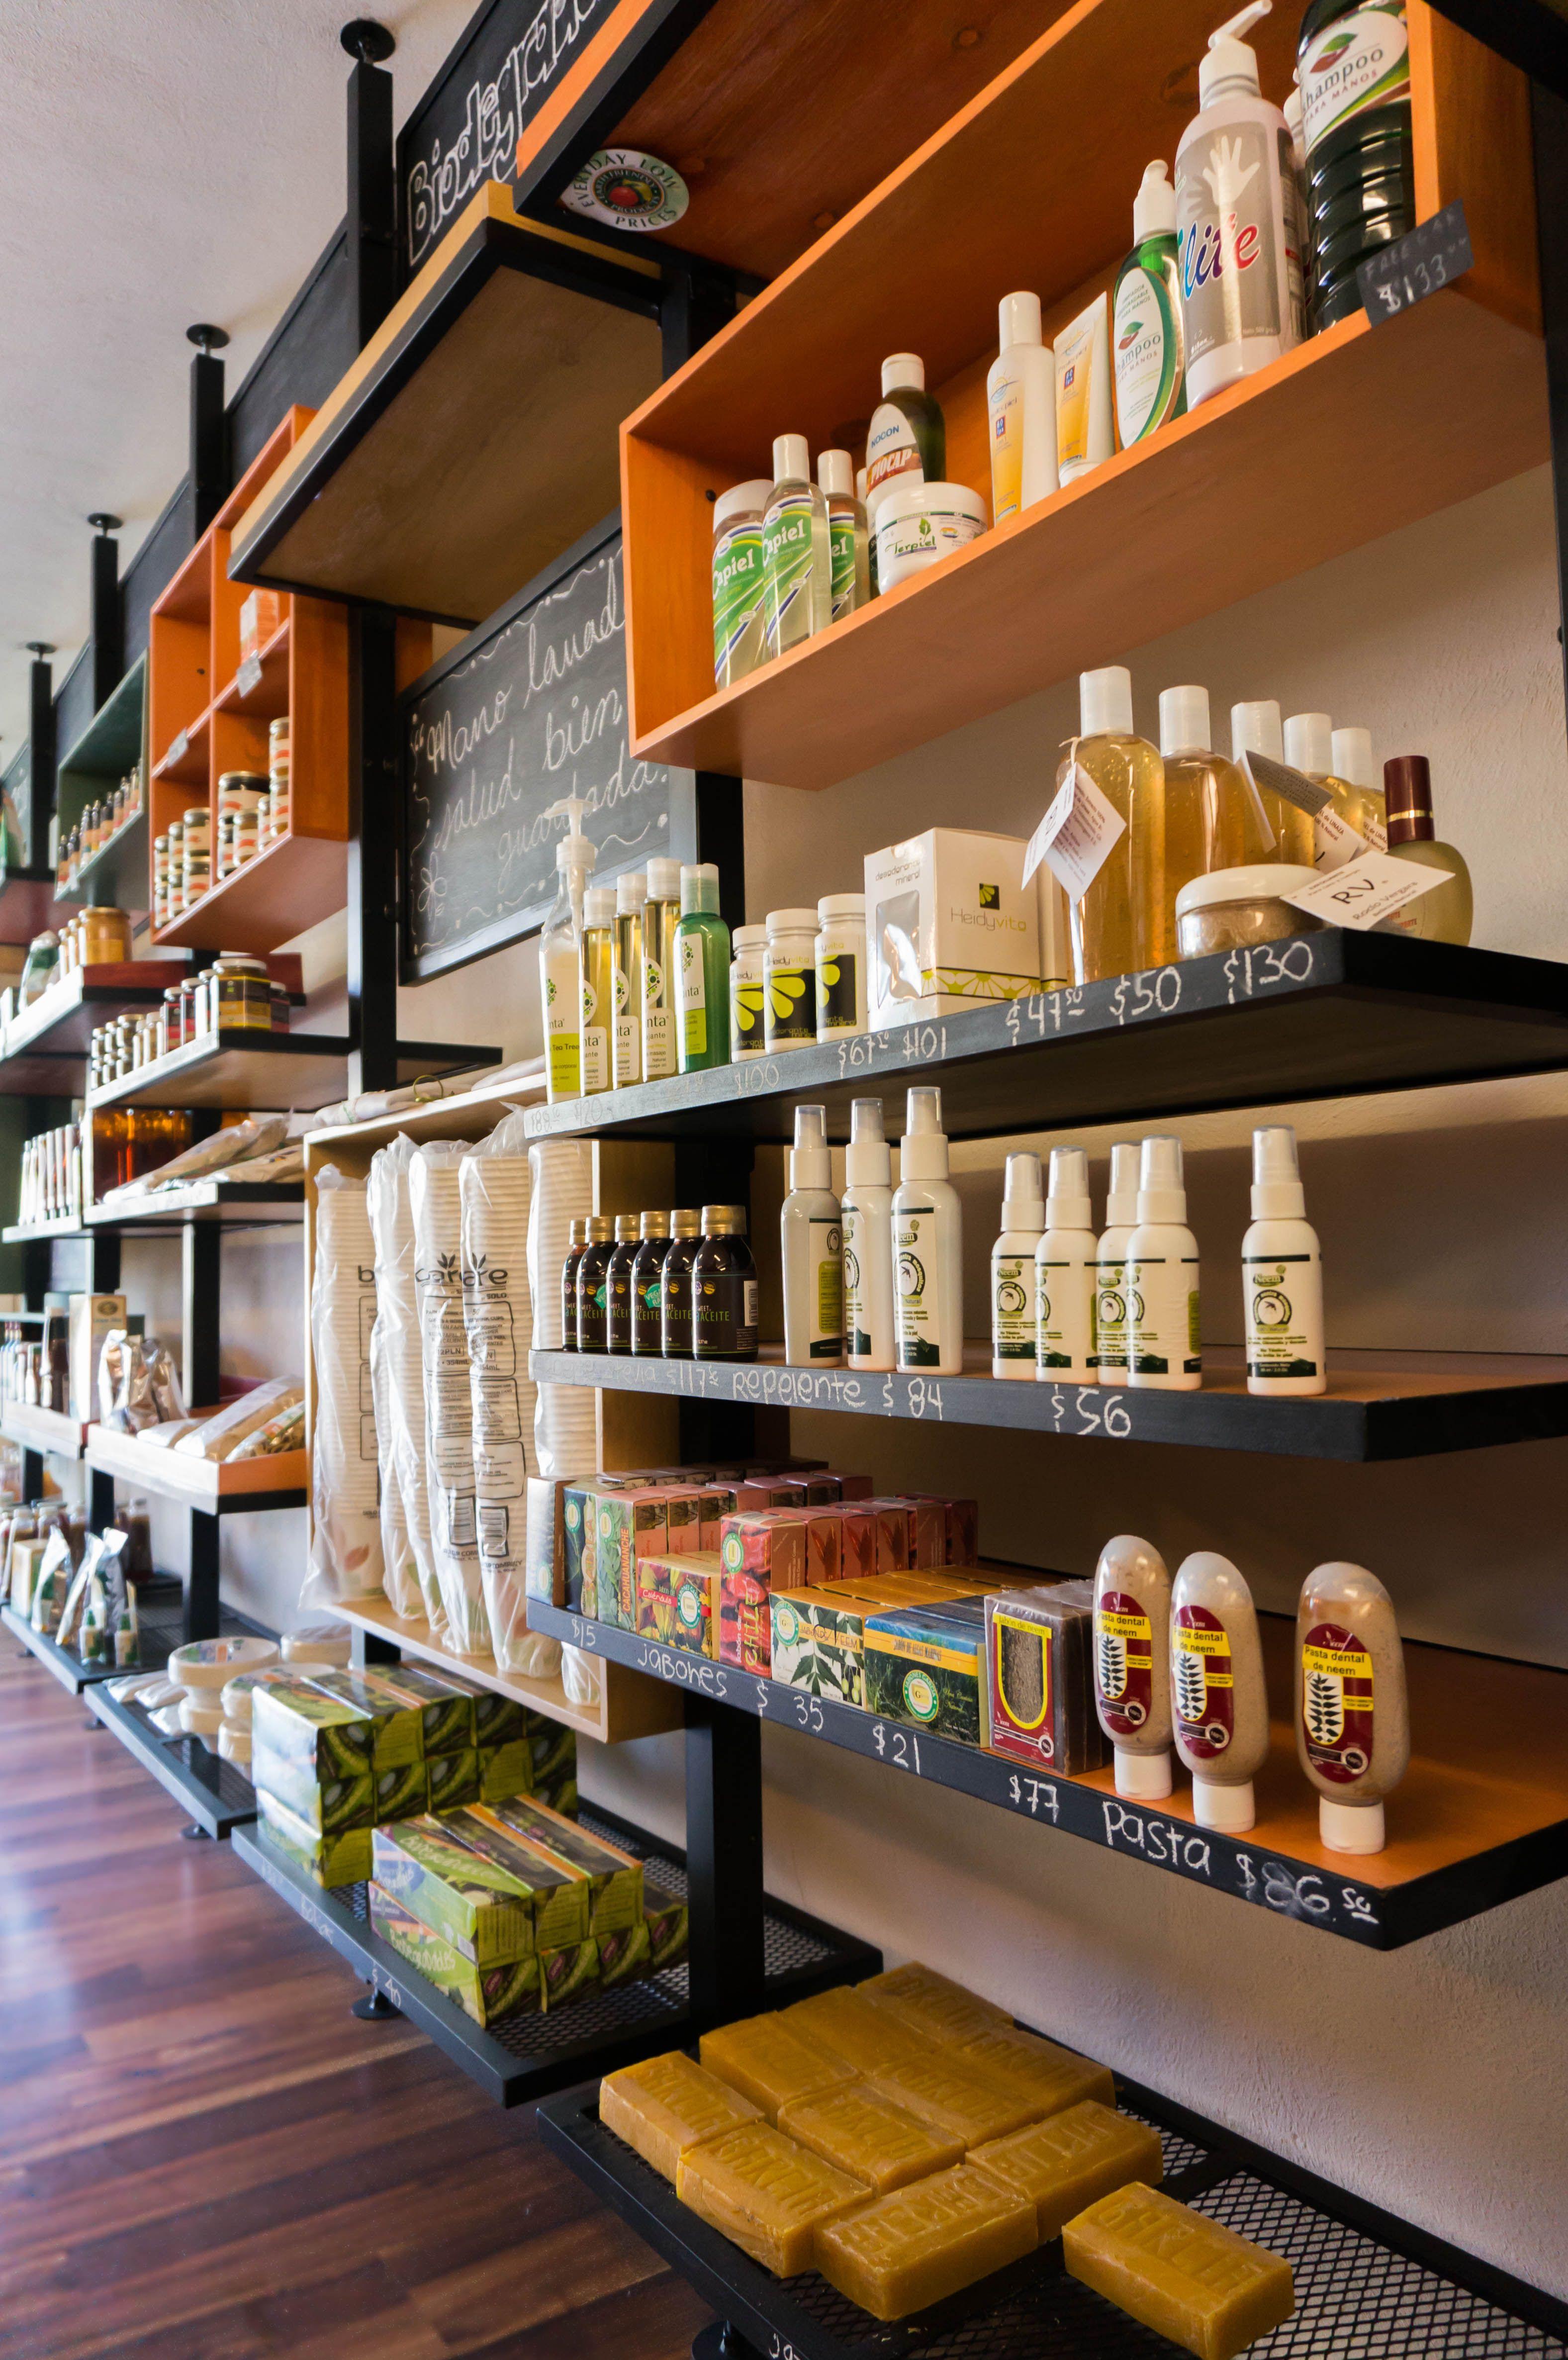 Proyectos de dise o de tiendas supermarket desig for Diseno de cafeterias pequenas